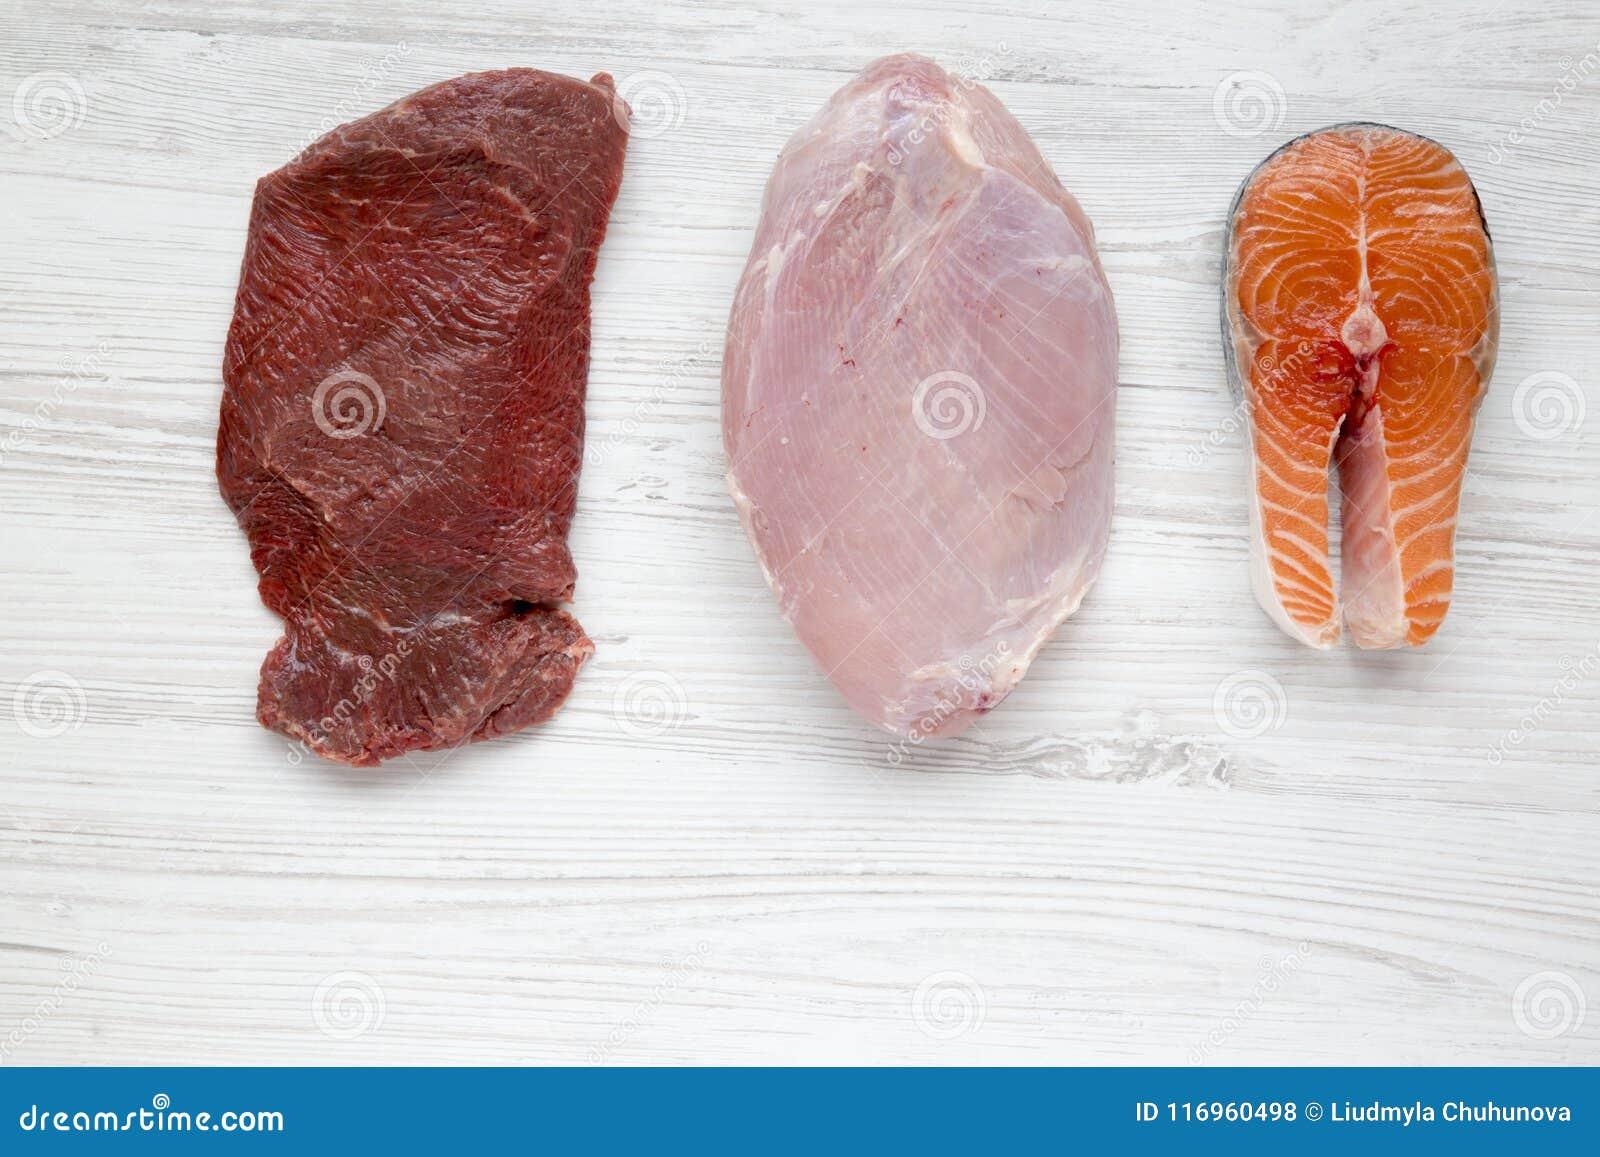 Carne cruda cruda del manzo, seno di tacchino e bistecca di color salmone su fondo di legno bianco, vista superiore Disposizione